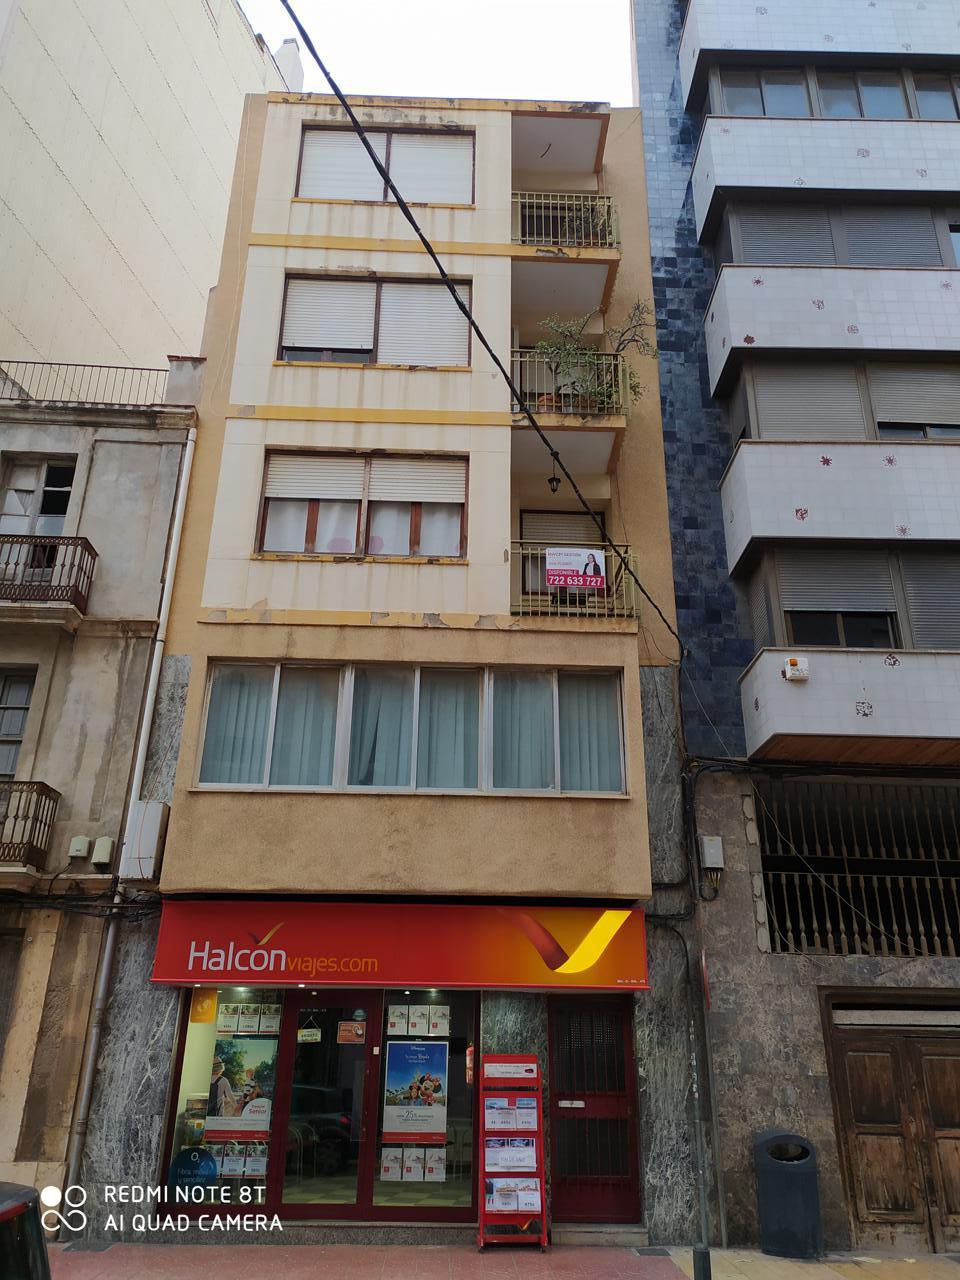 Edifici  Calle carrer de la mare de déu del pilar, 22. Magnífica oportunidad de inversión. edificio de pb+4 en el centr